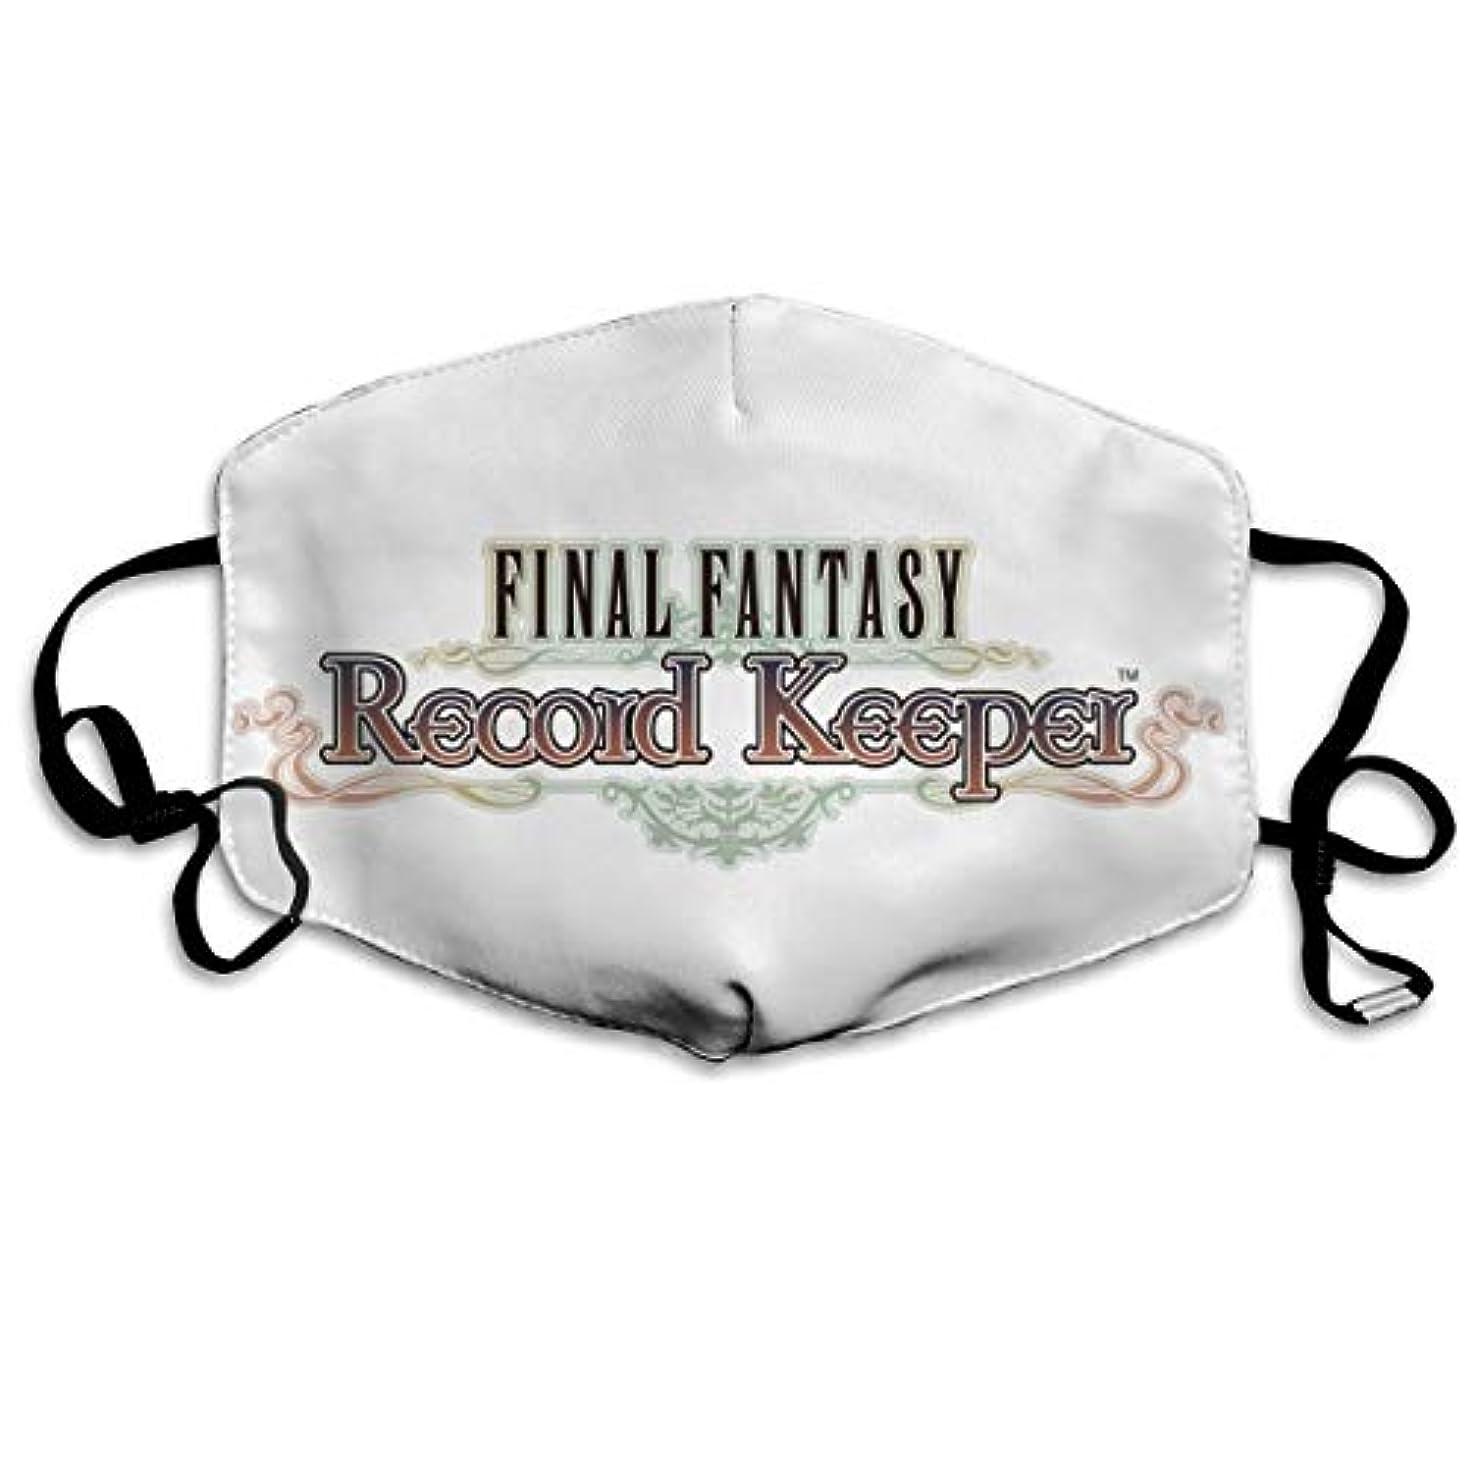 火山学者あなたはクライストチャーチマスク Final Fantasy21 立体構造マスク ファッションスタイル マスク ほこり対応マスク 洗える 肌荒れしない 風邪対応風邪予防 男女兼用